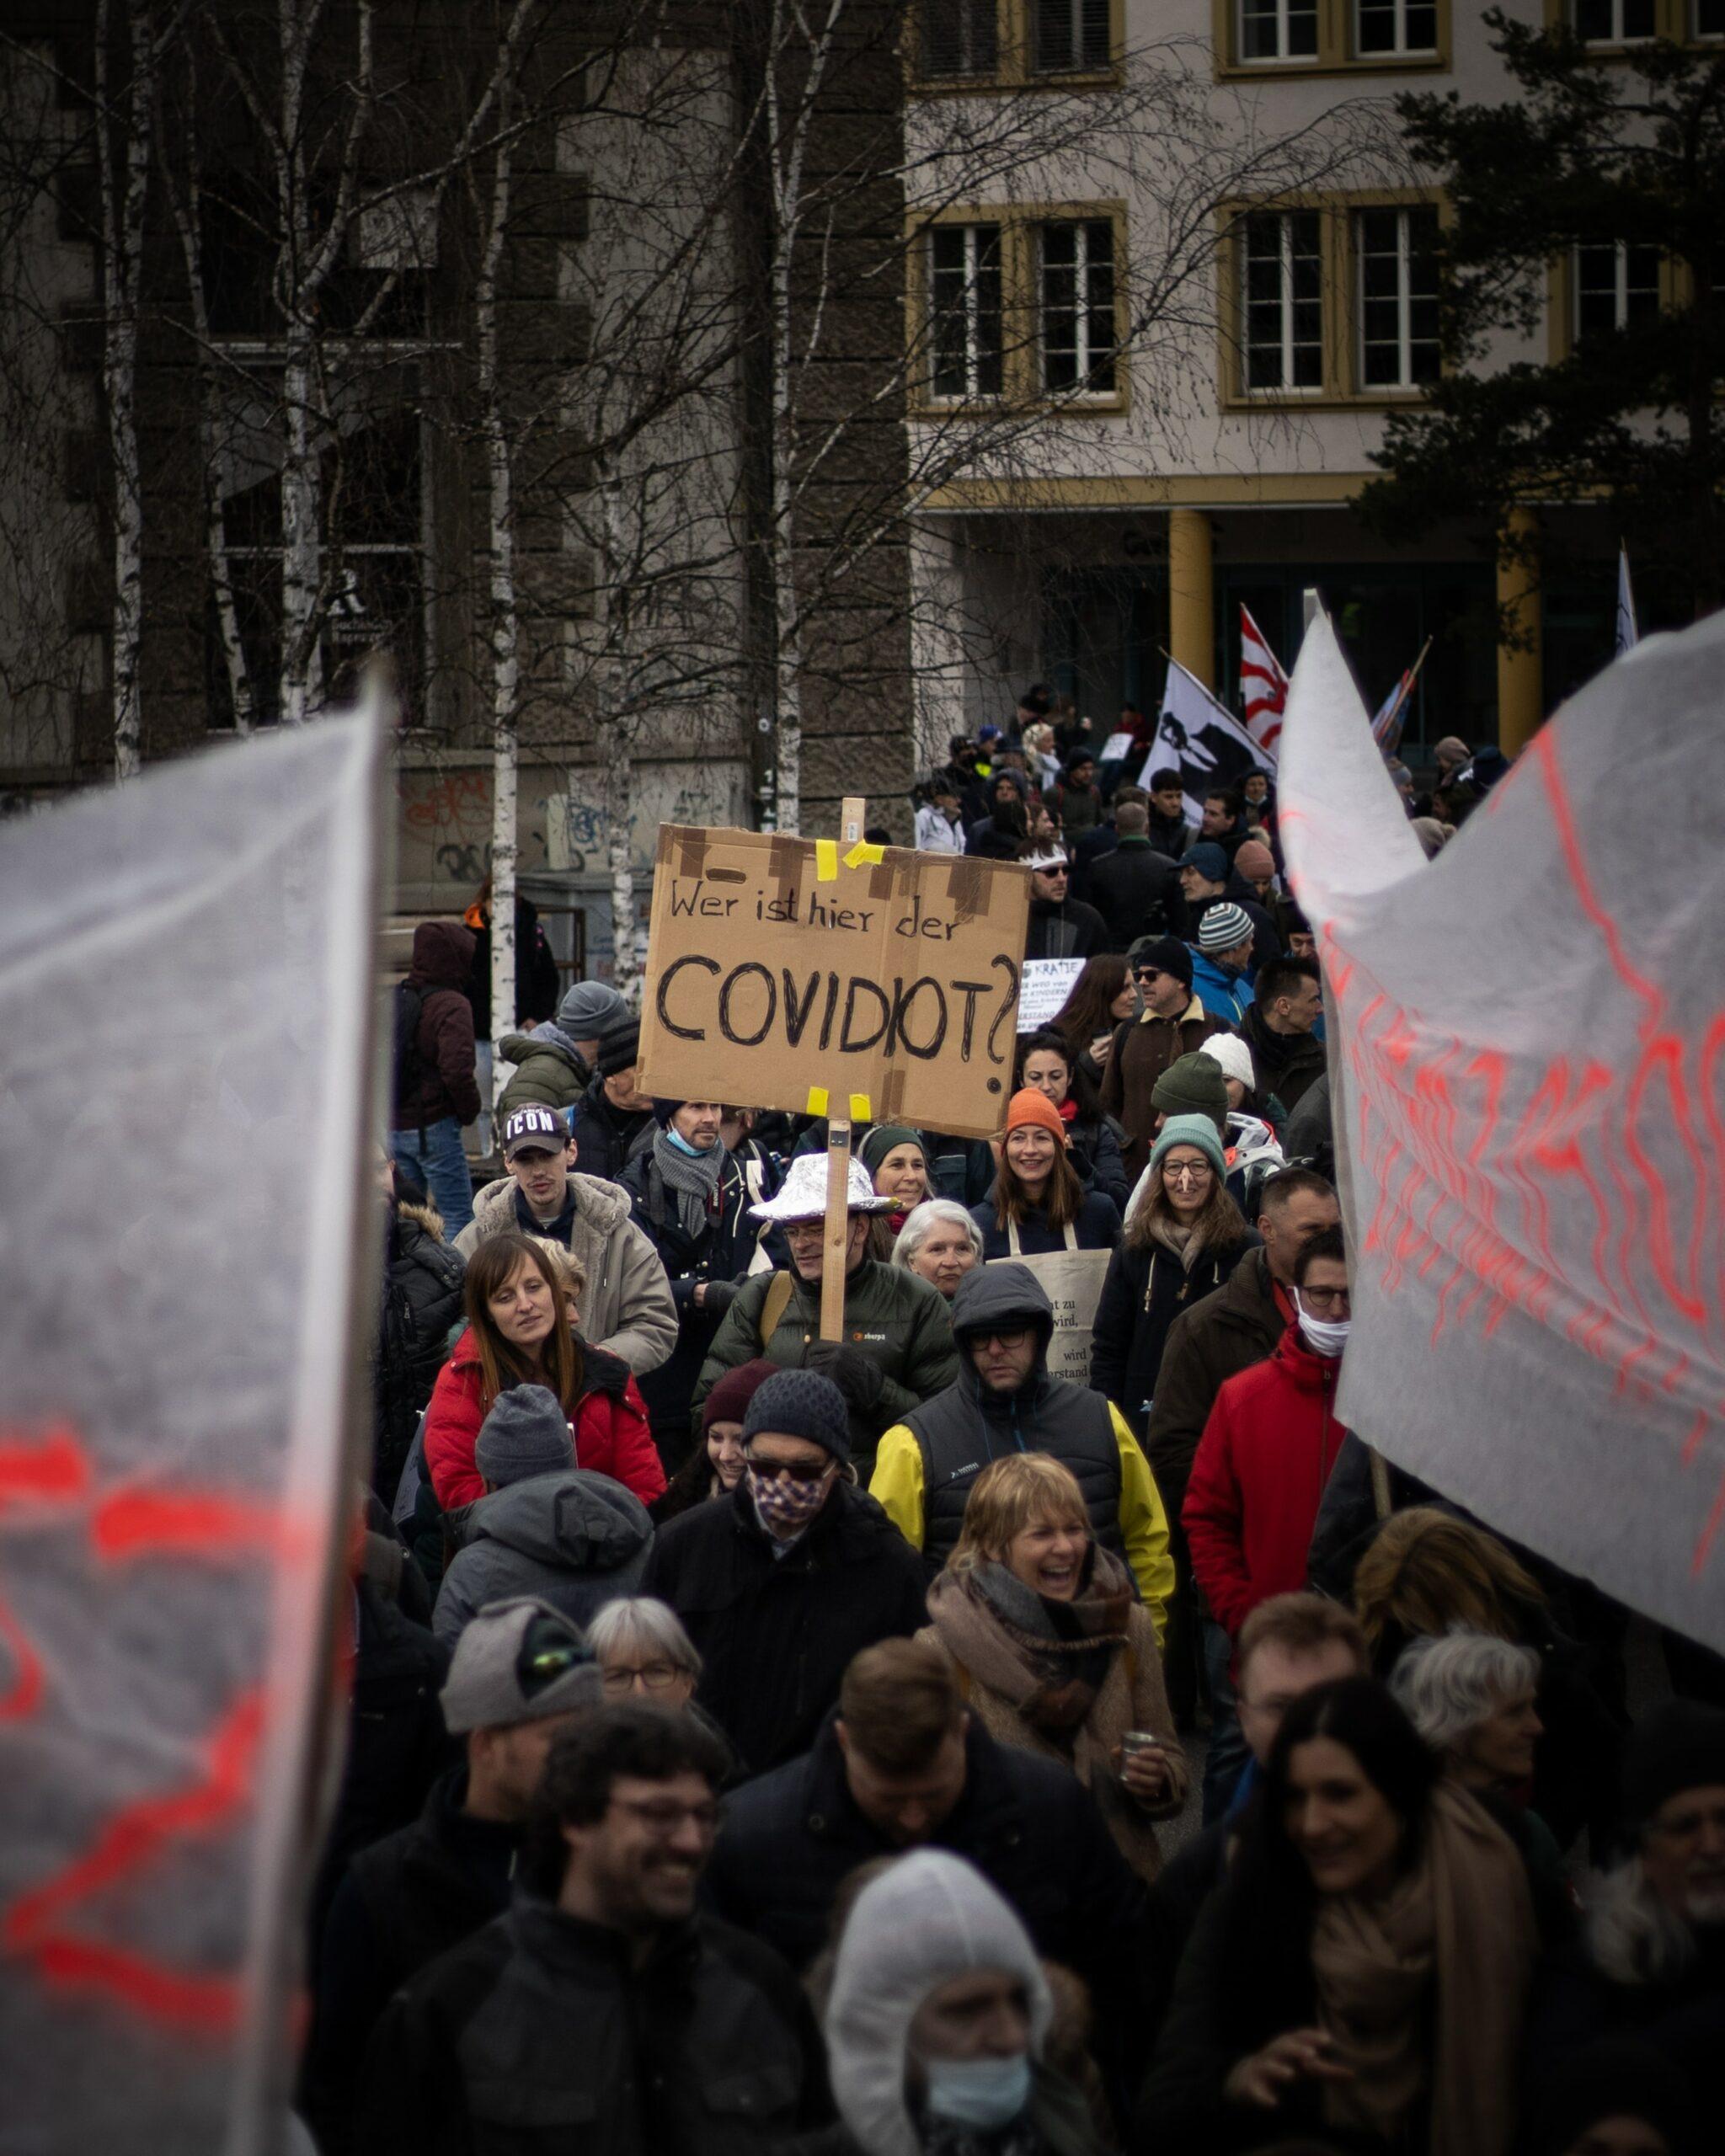 Kajetan Sumila - Betoging tegen de coronamaatregelen in Liestal (Zwitserland)